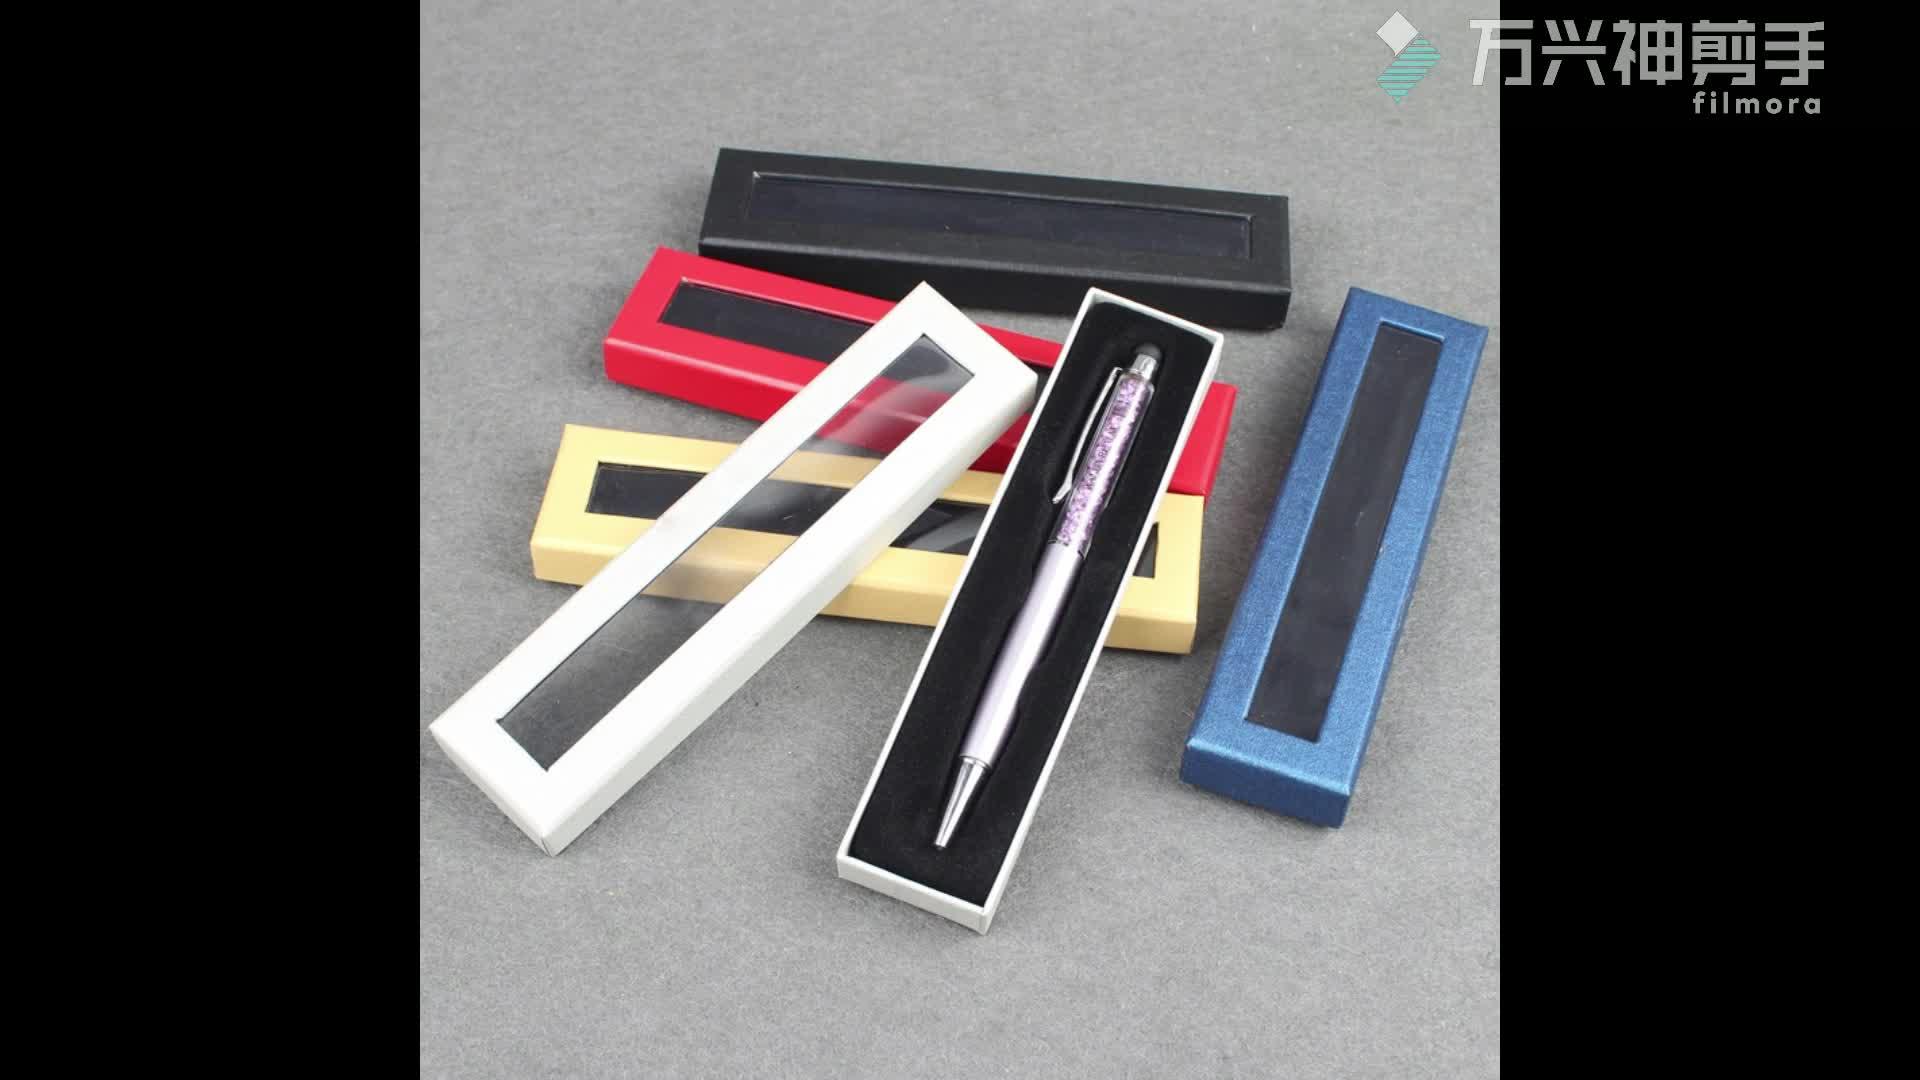 หมึกปากกา Handmade กระดาษของขวัญกล่อง Matt Lamination สำหรับปากกาขายส่ง